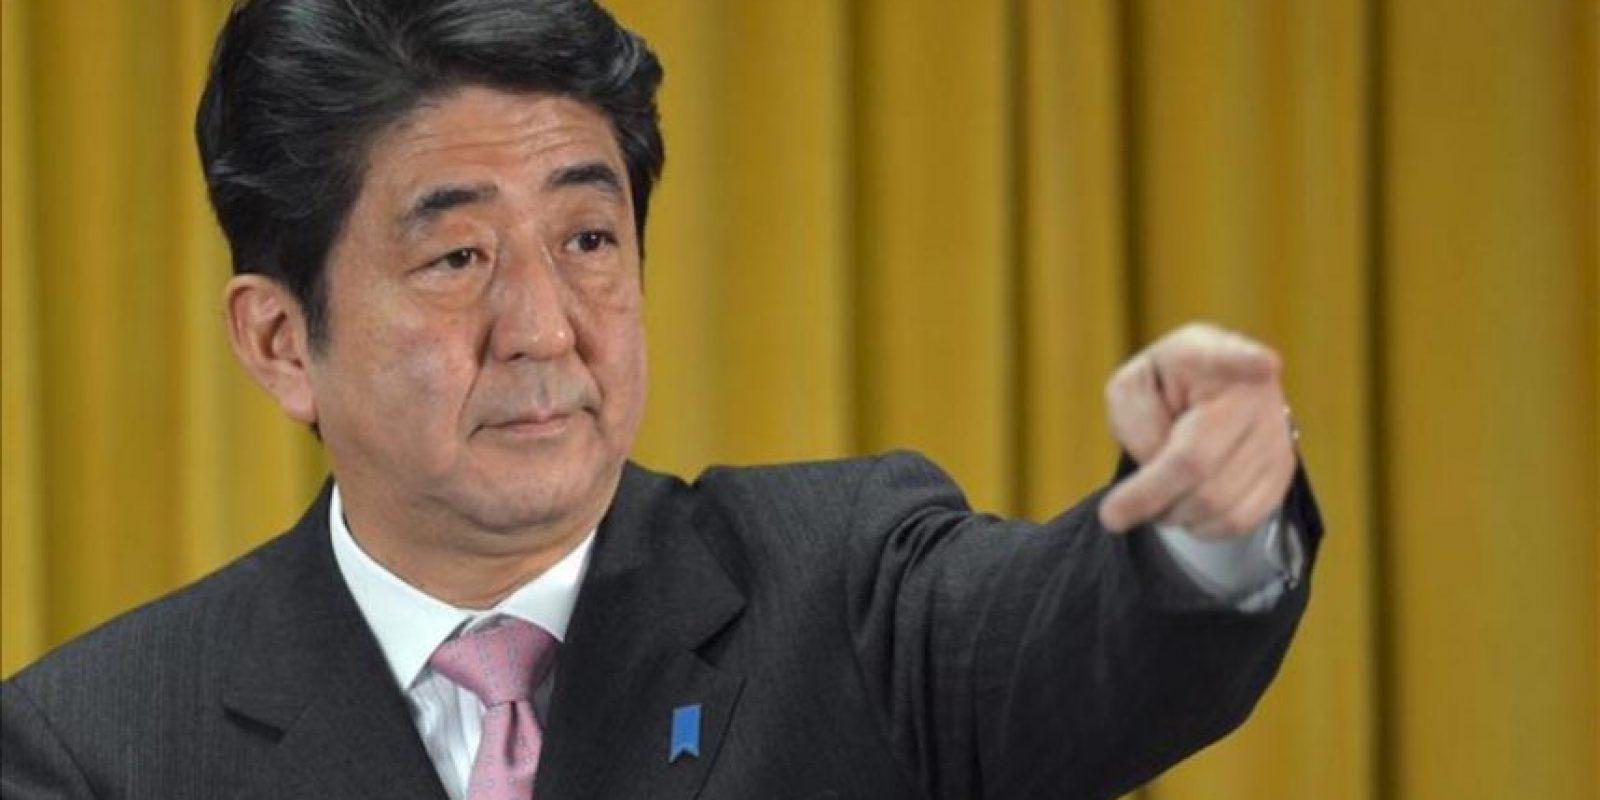 El presidente del Partido Liberal Demócrata (PLD) de Japón, Shinzo Abe. EFE